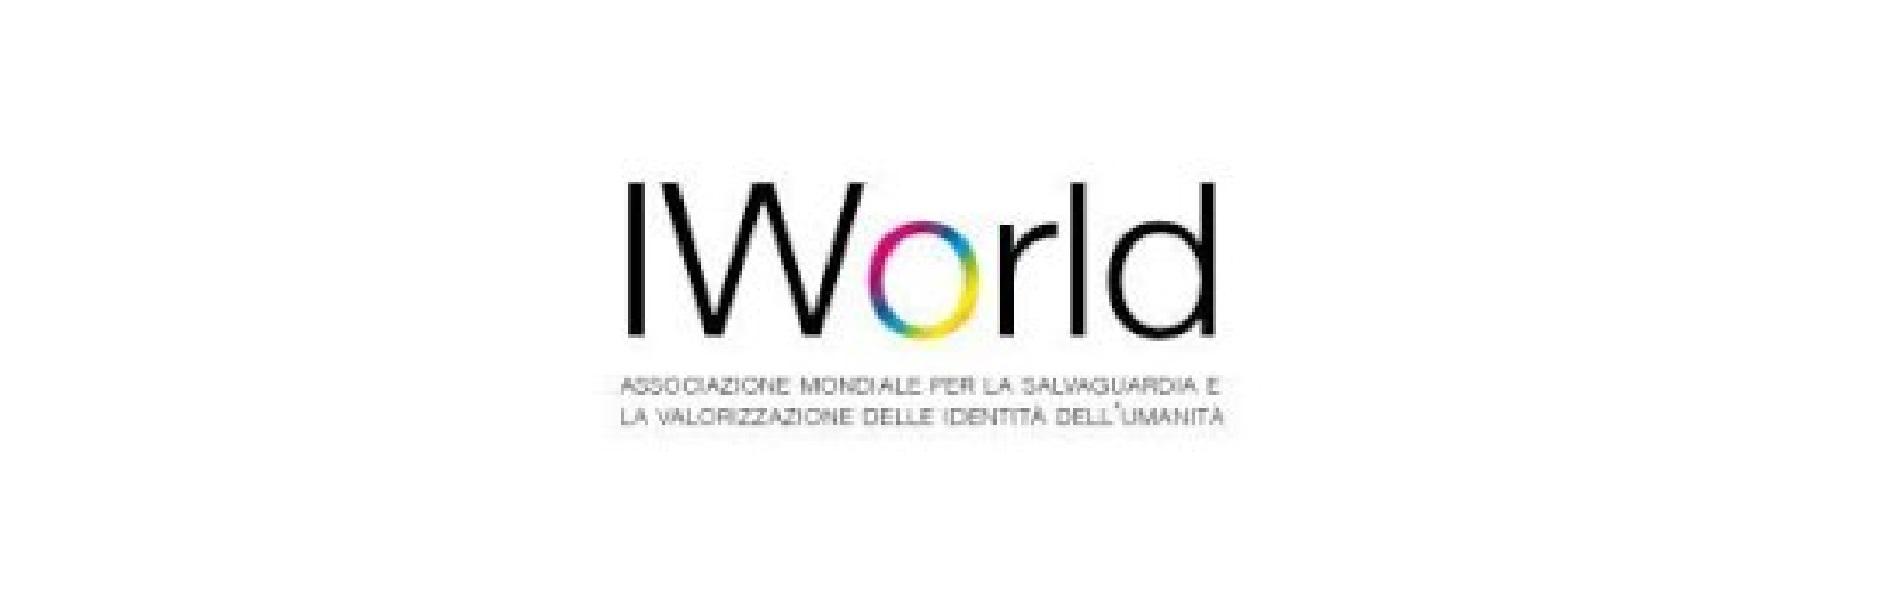 I WORLD